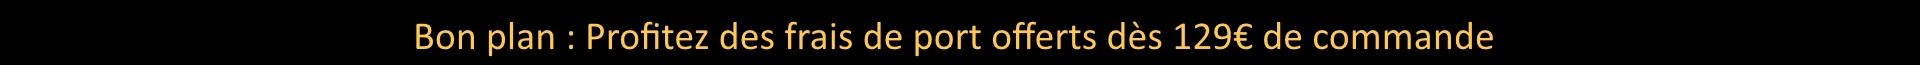 Frais de port offert dès 129 euros de commande